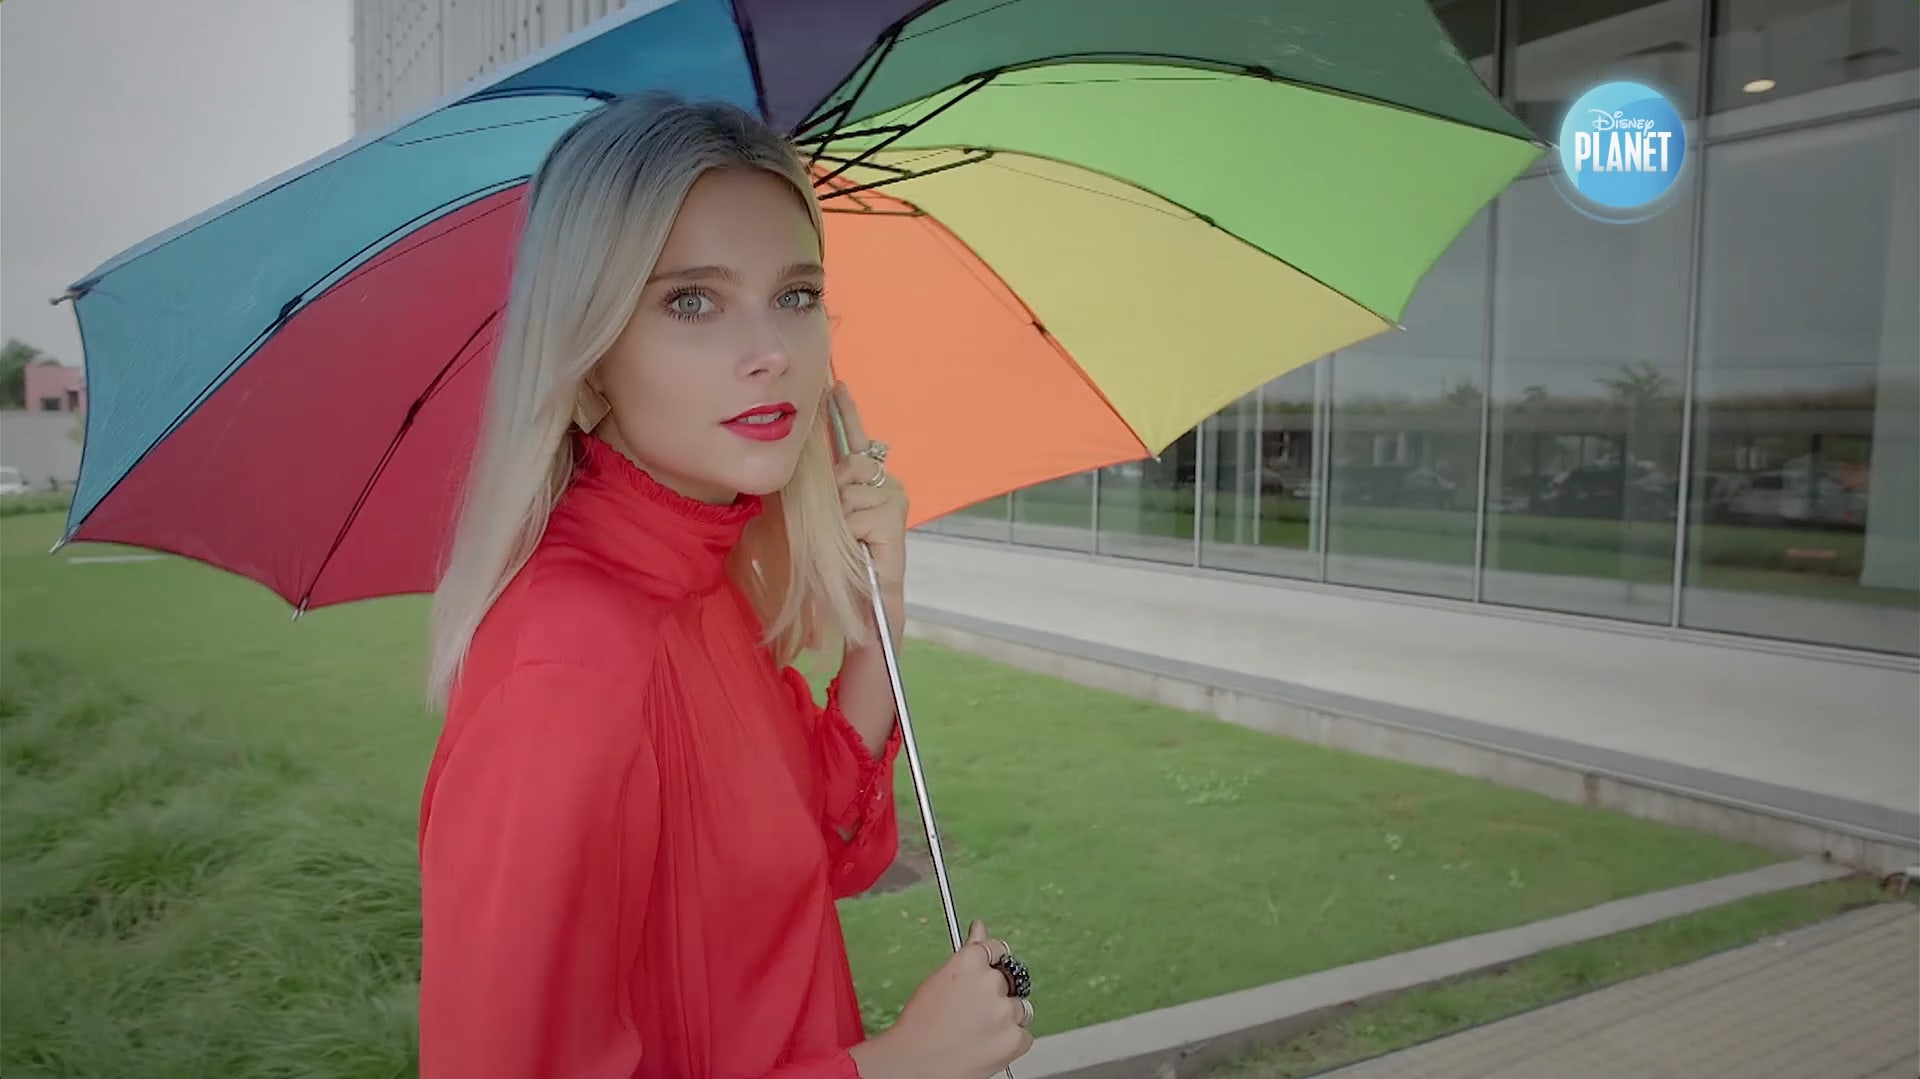 Tudo o que você queria saber sobre a Valentina Zenere!